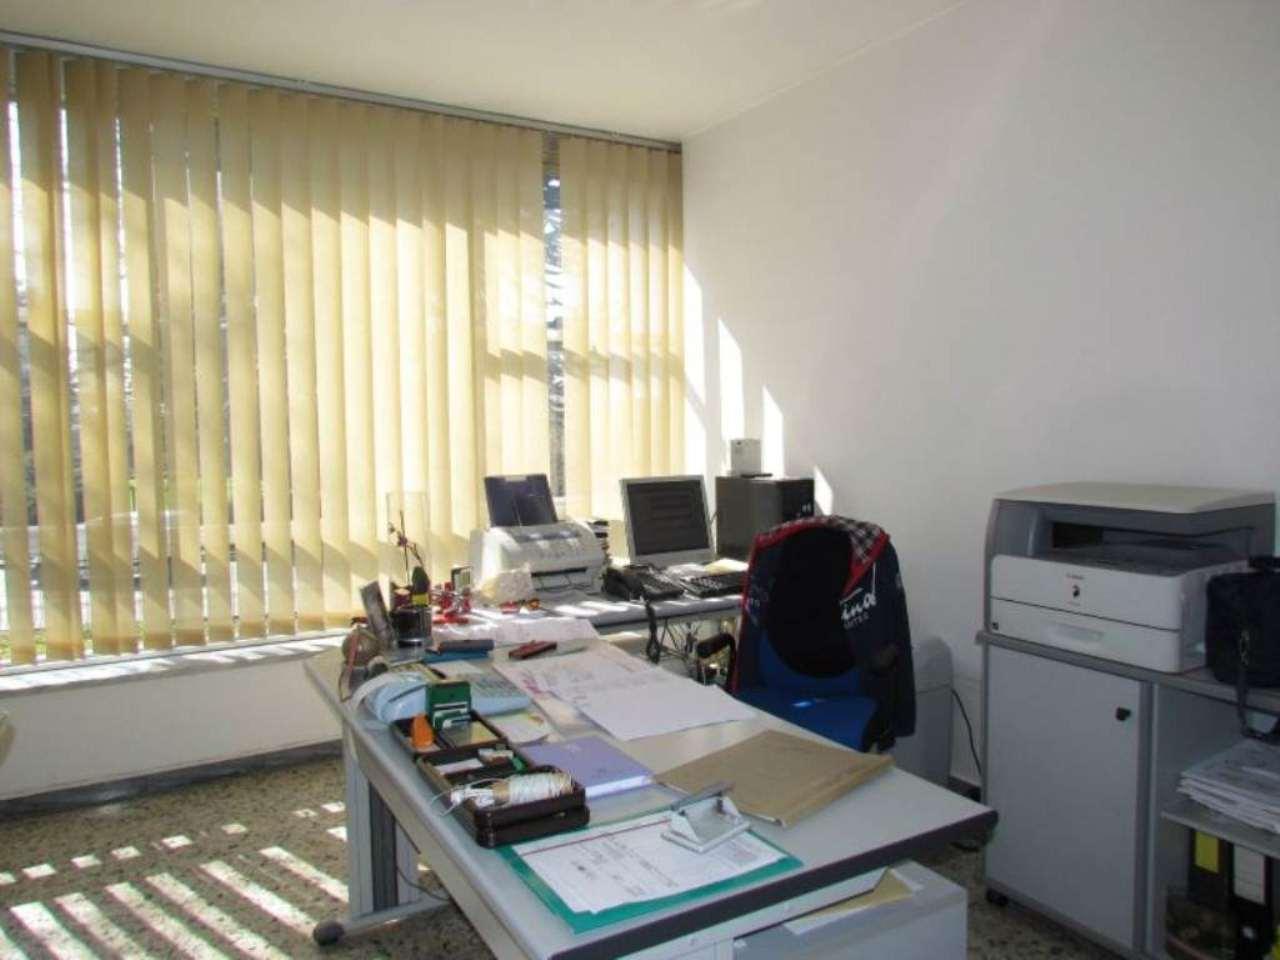 Ufficio / Studio in vendita a Vedano Olona, 4 locali, prezzo € 155.000 | CambioCasa.it